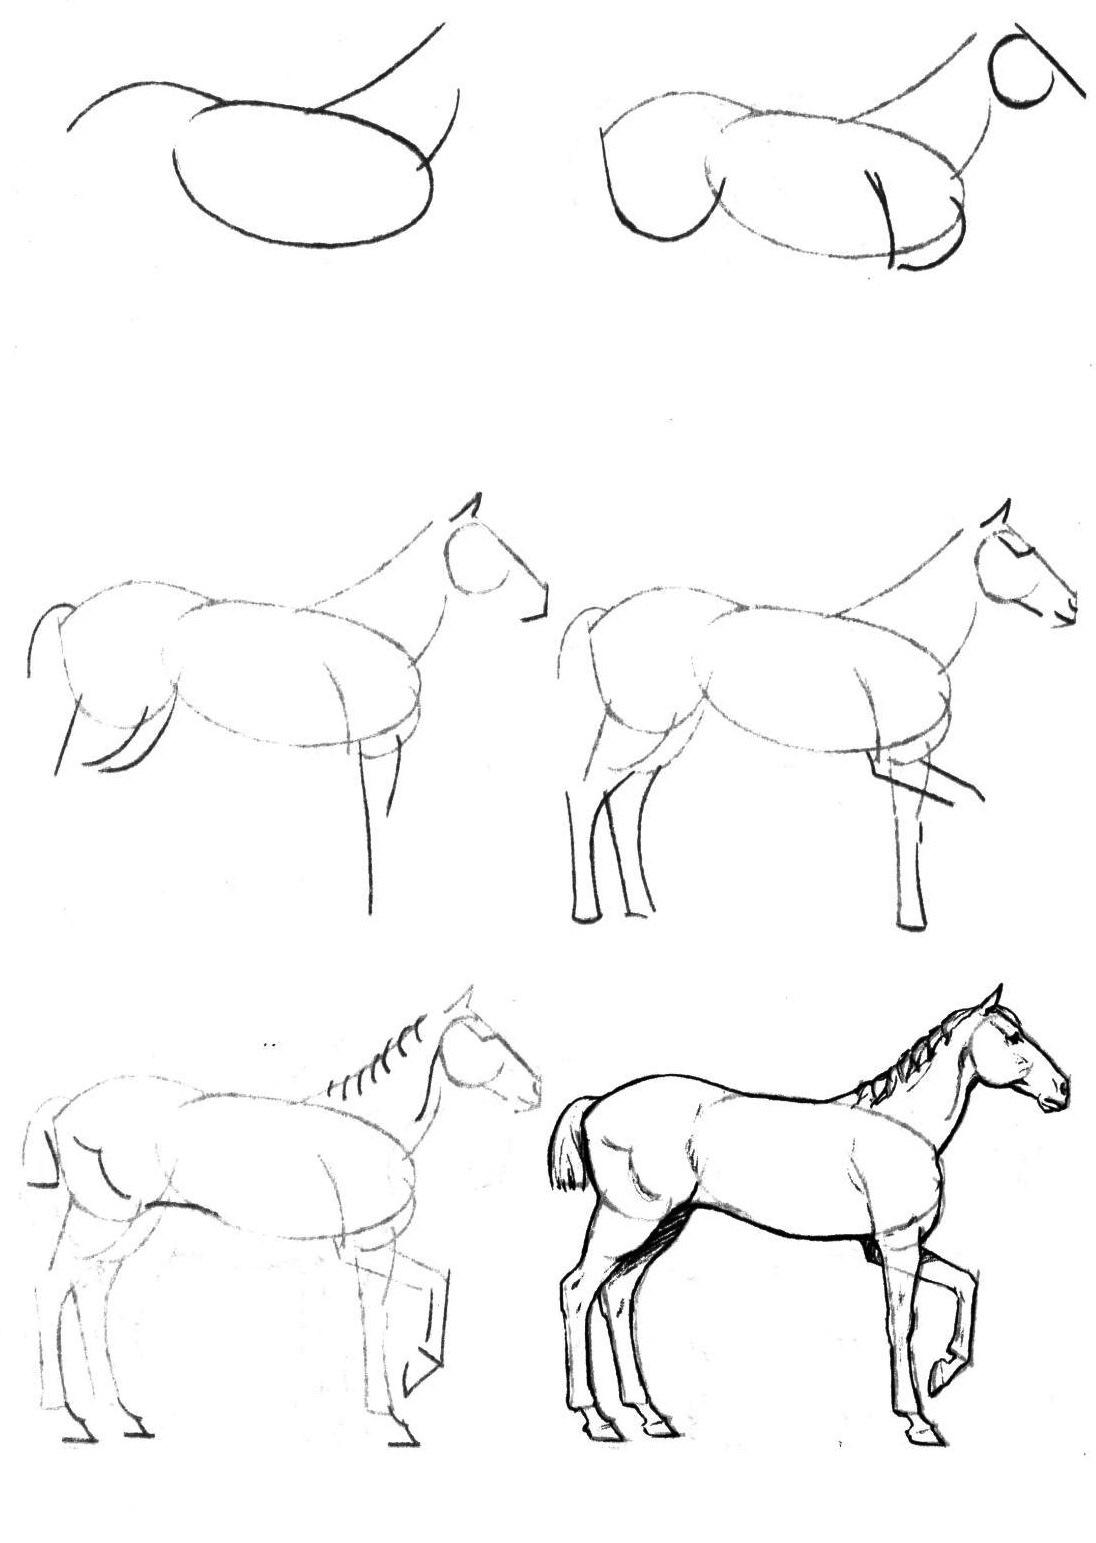 Как нарисовать лошадь карандашом поэтапно для начинающих, рисунок лошади